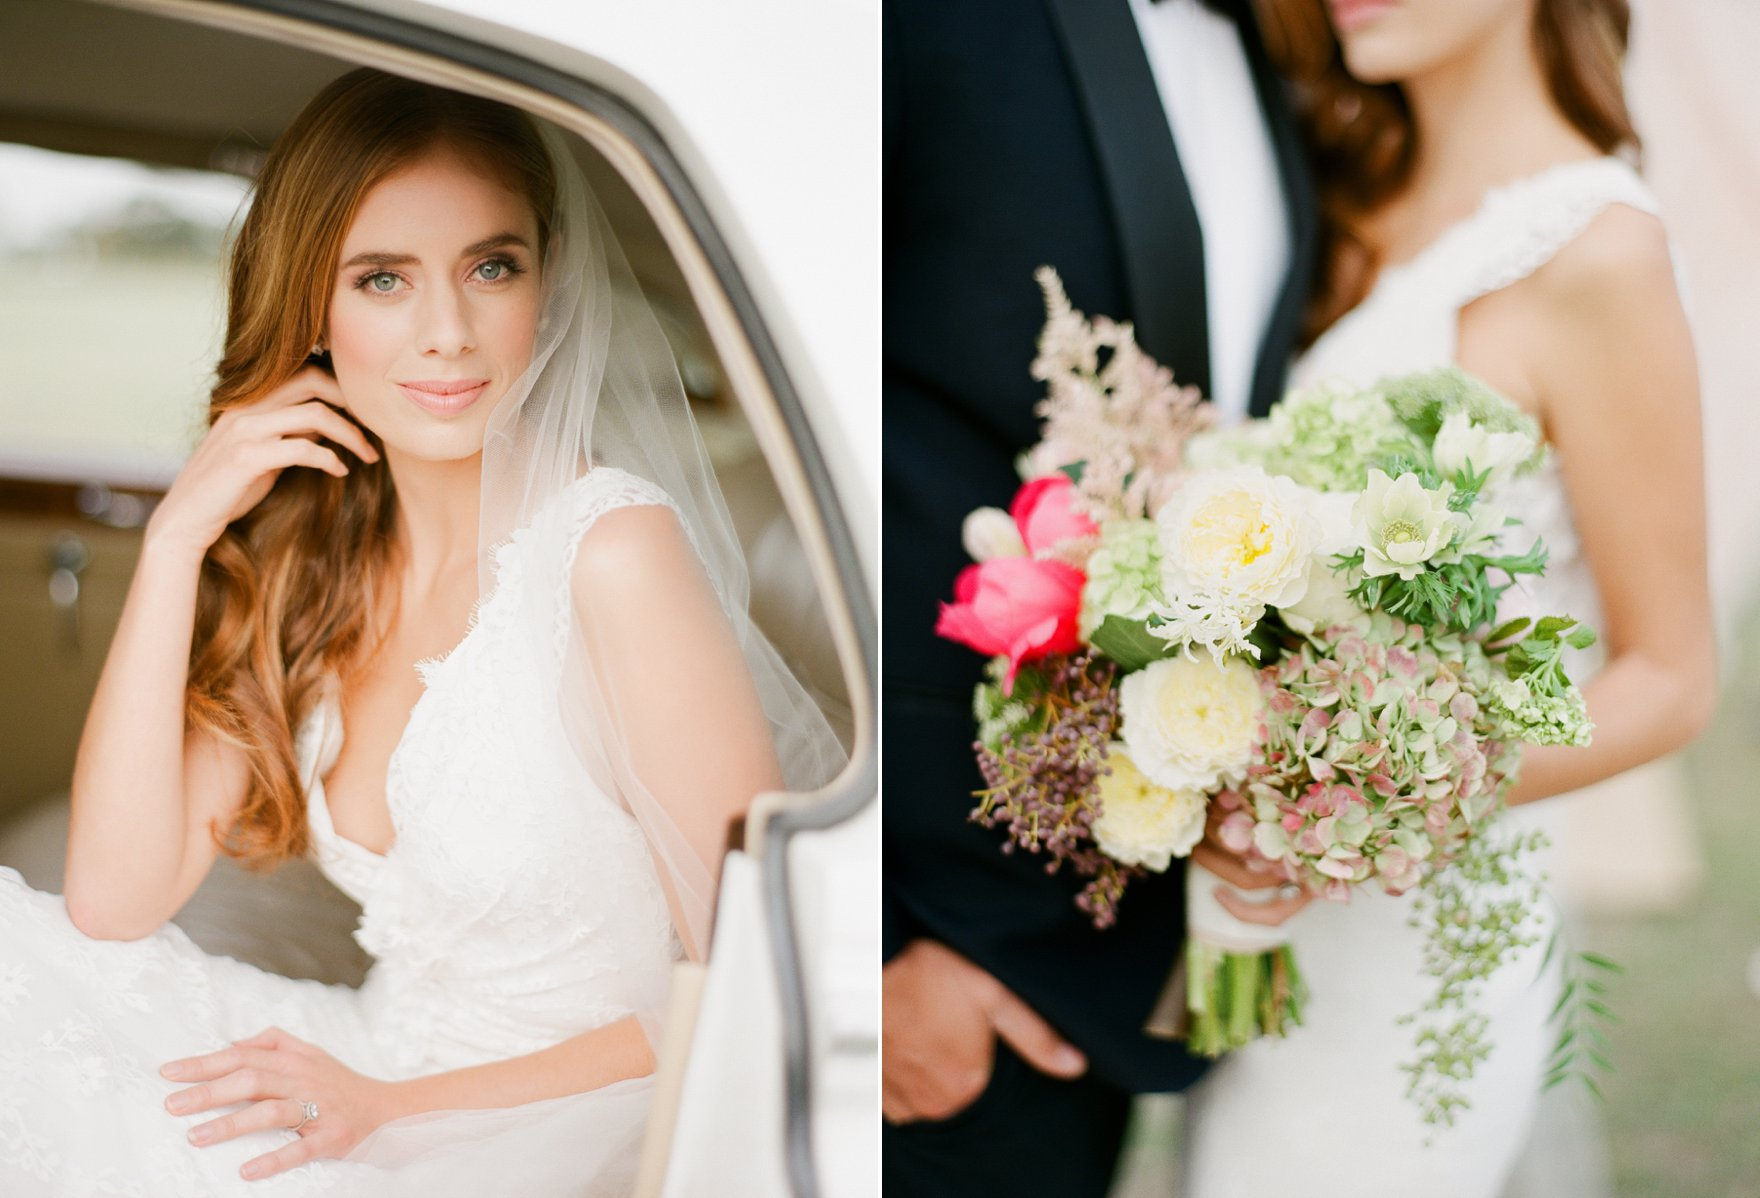 bride-groom-events-perth-wedding-hire